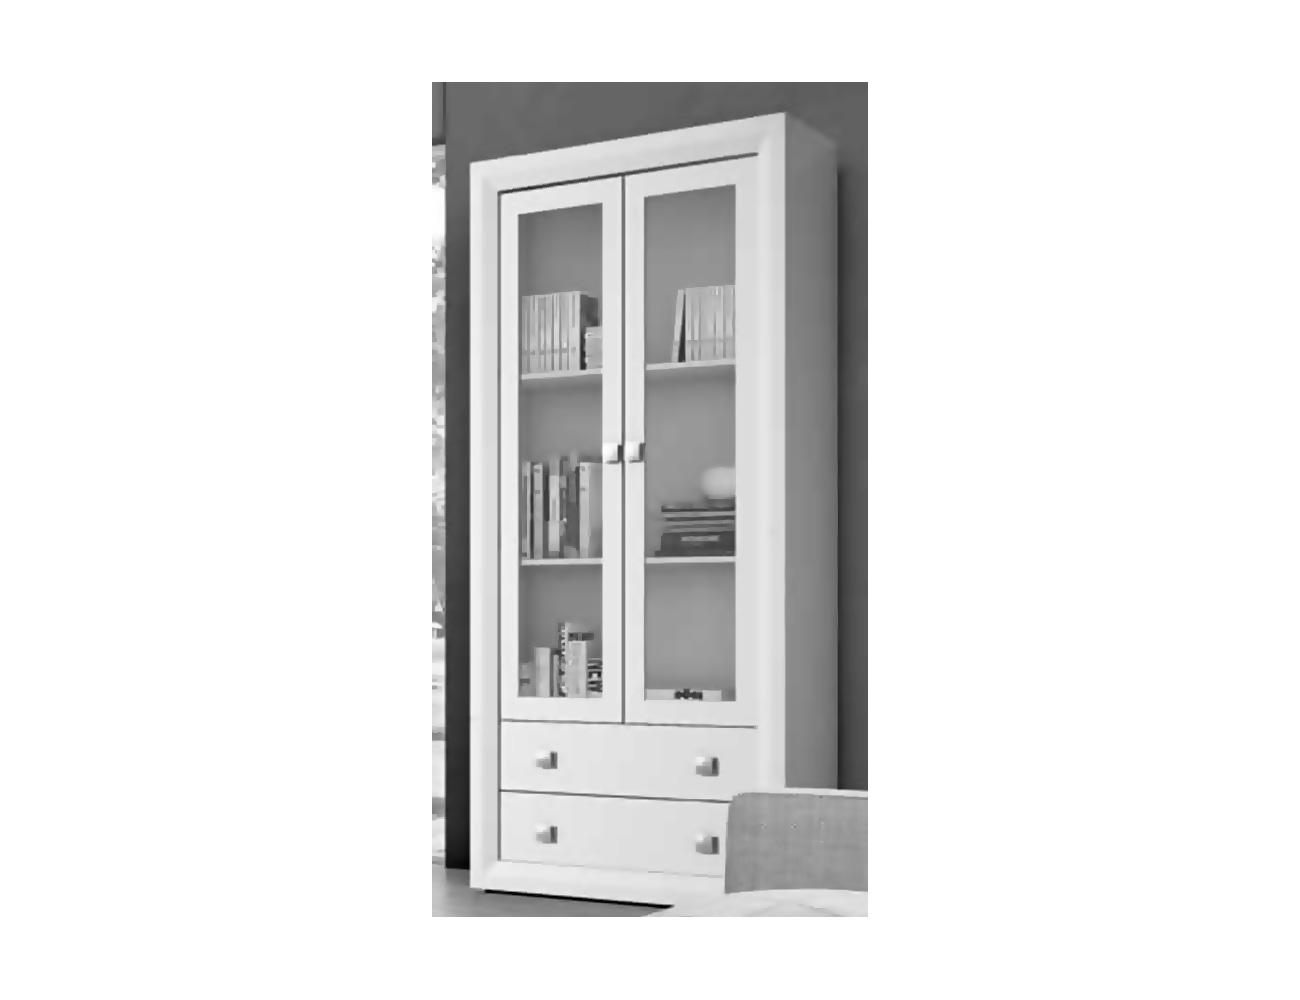 Mueble de salon comedor estilo moderno en blanco roto for Factory del mueble madrid